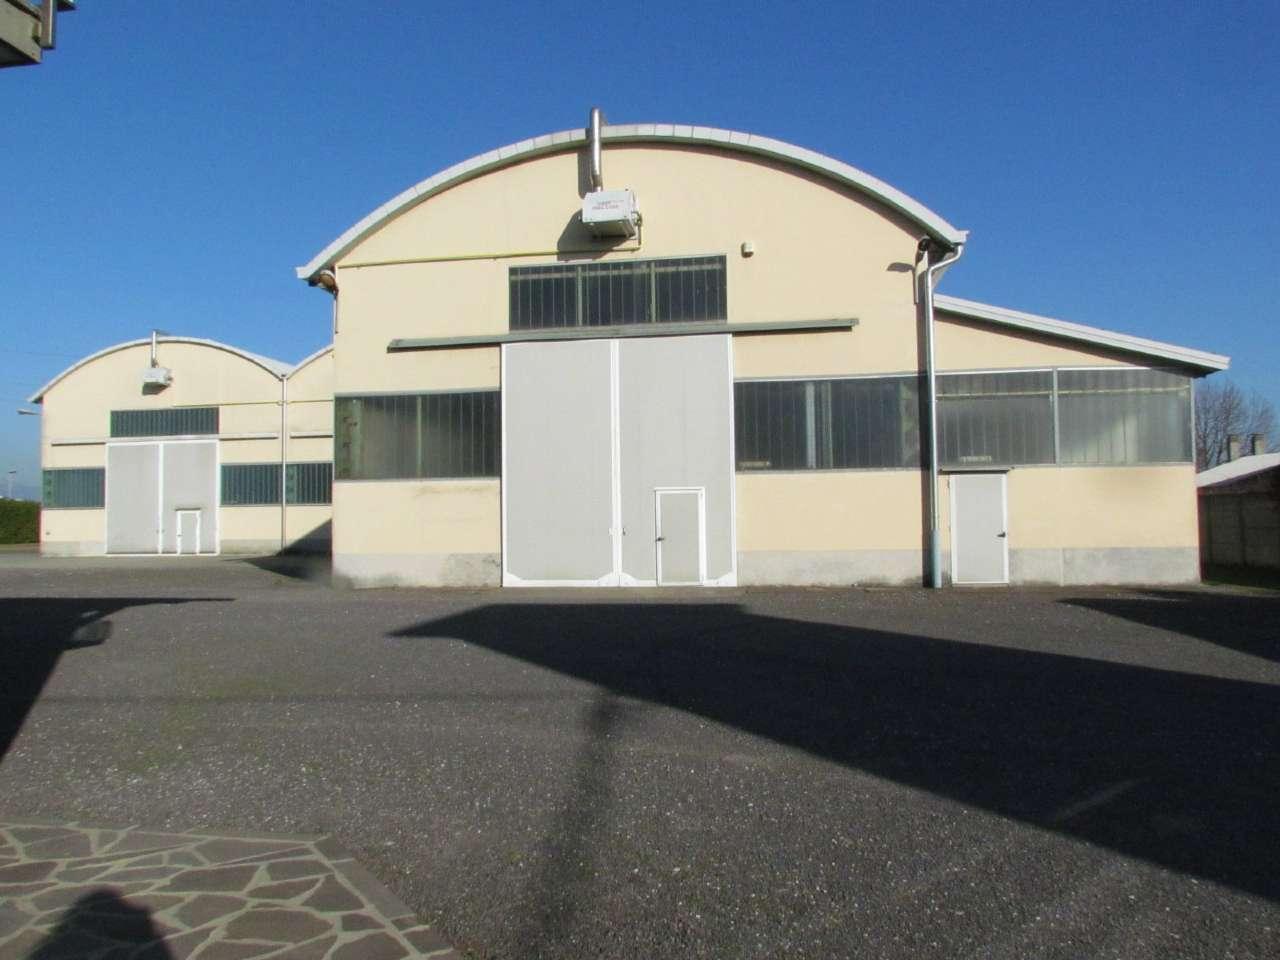 Capannone in vendita a Lonate Ceppino, 9 locali, Trattative riservate | CambioCasa.it